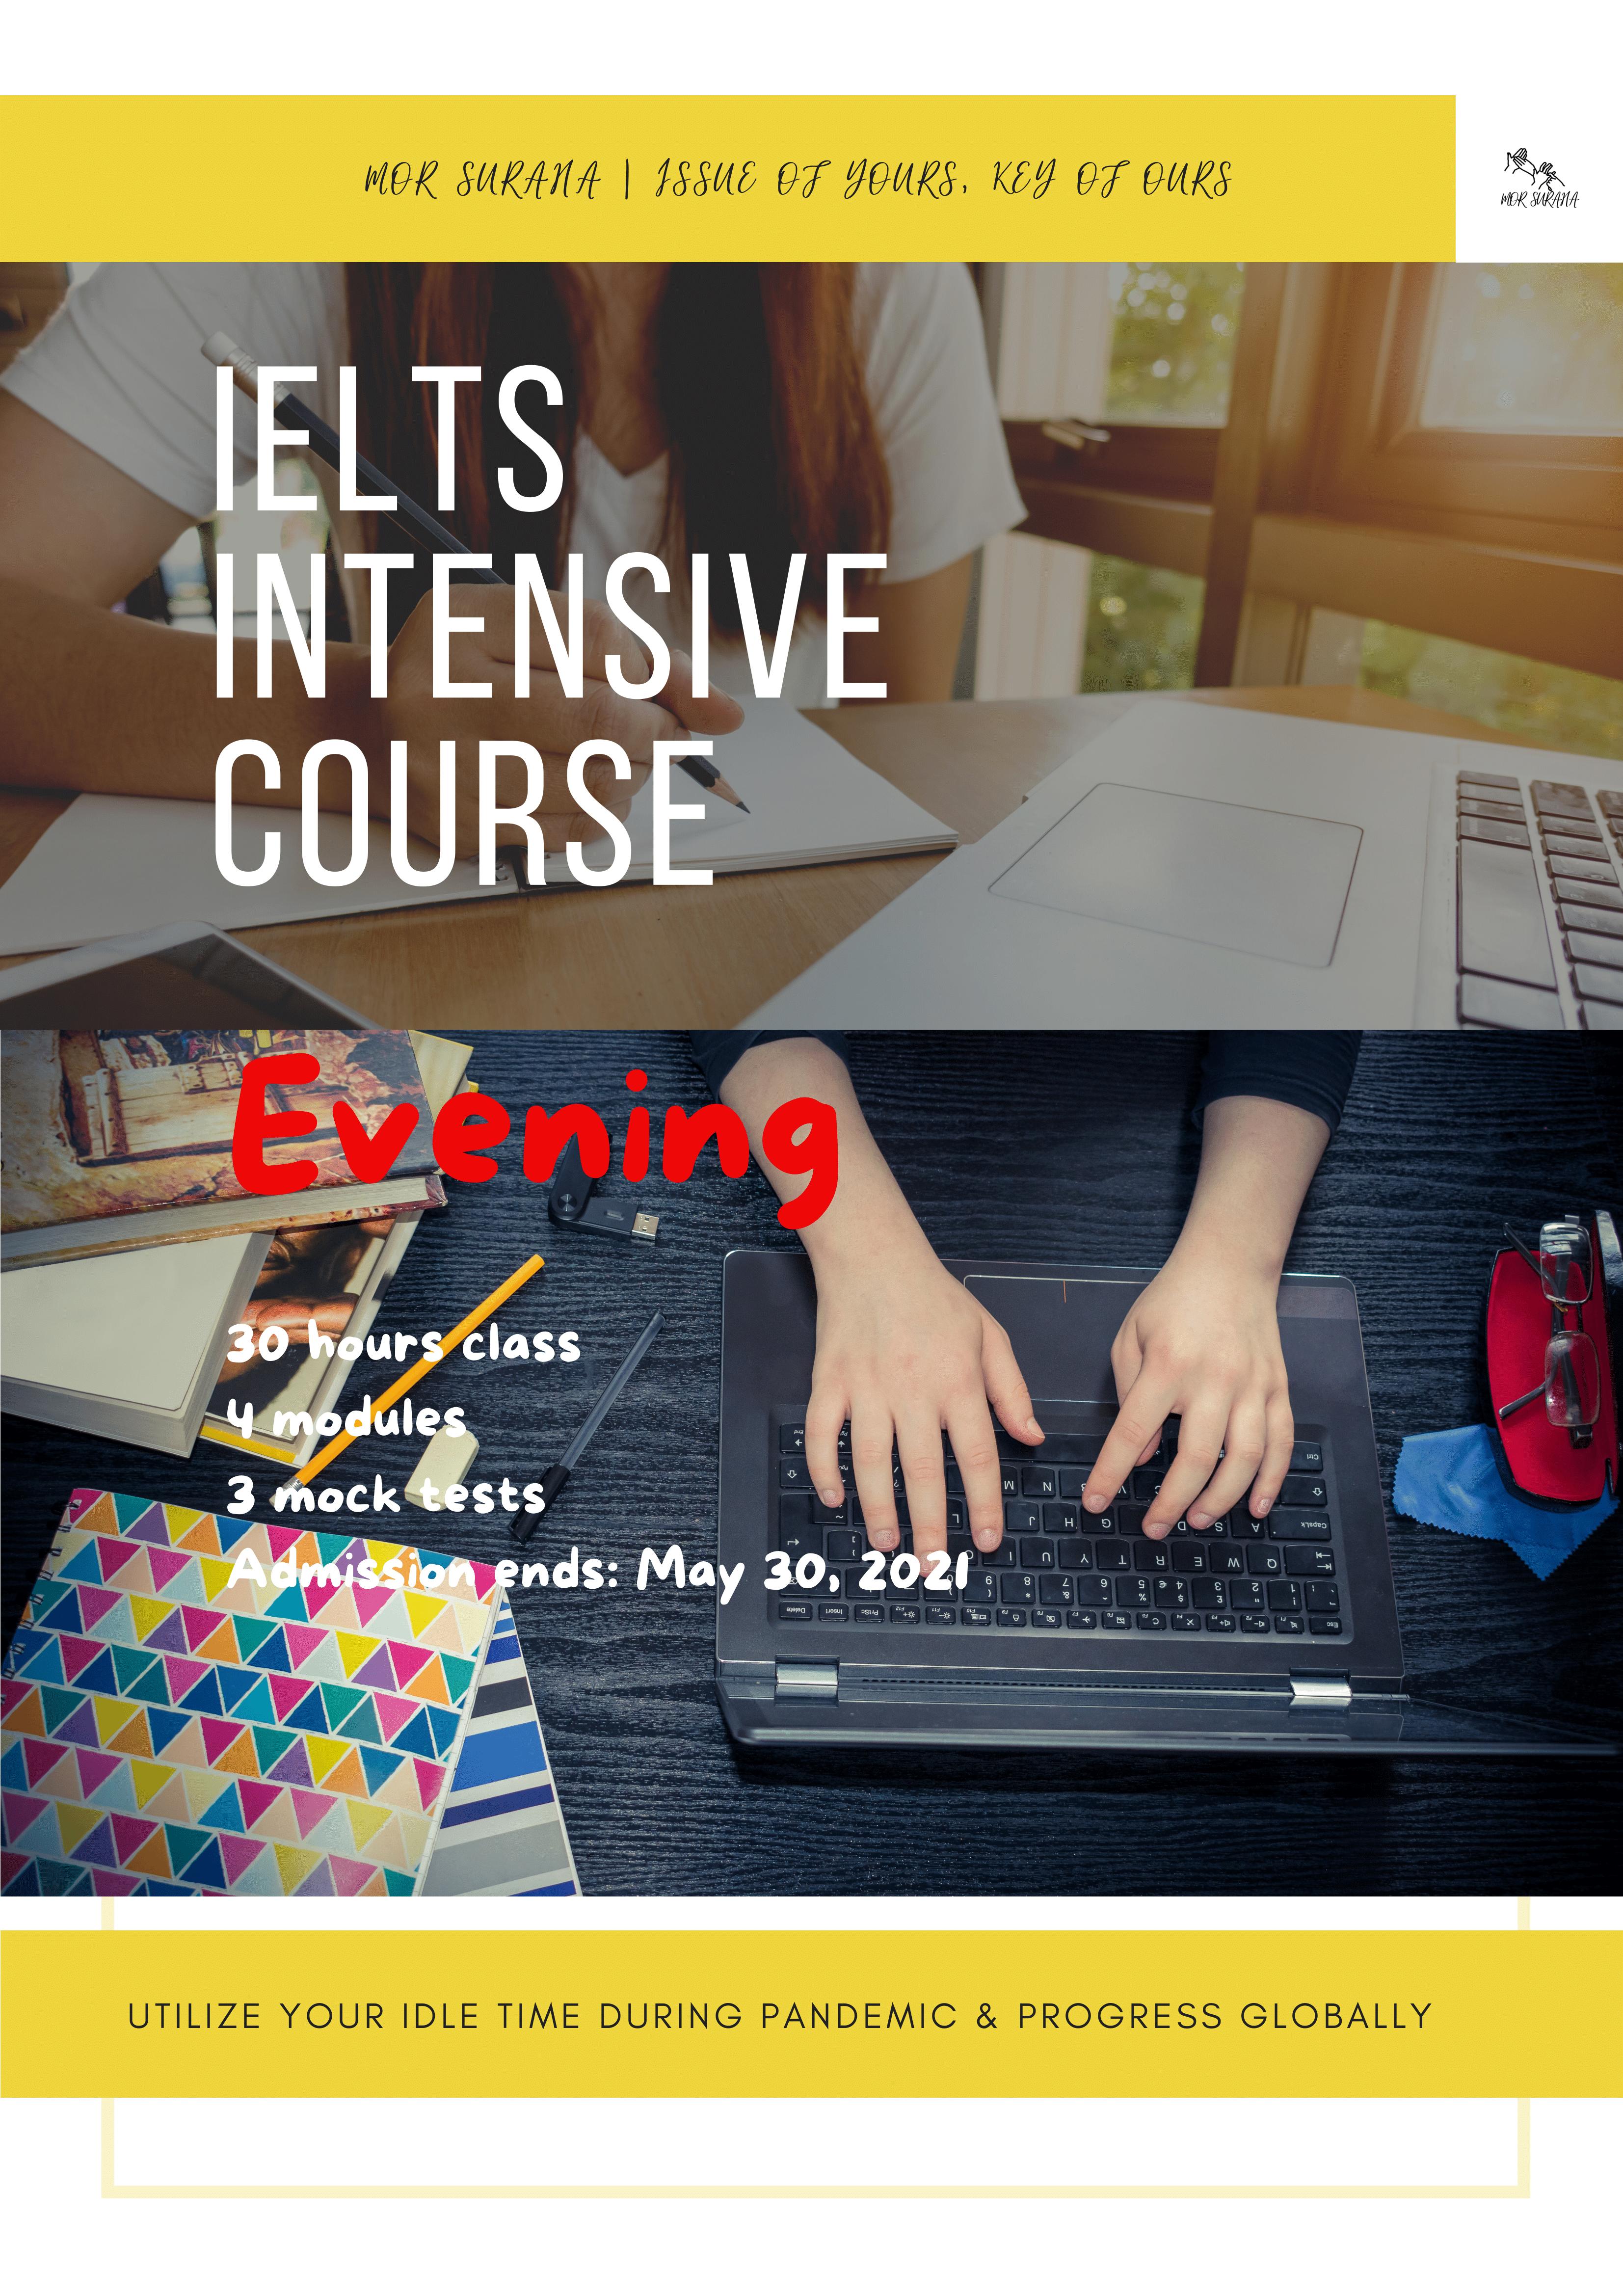 IELTS Intensive Course